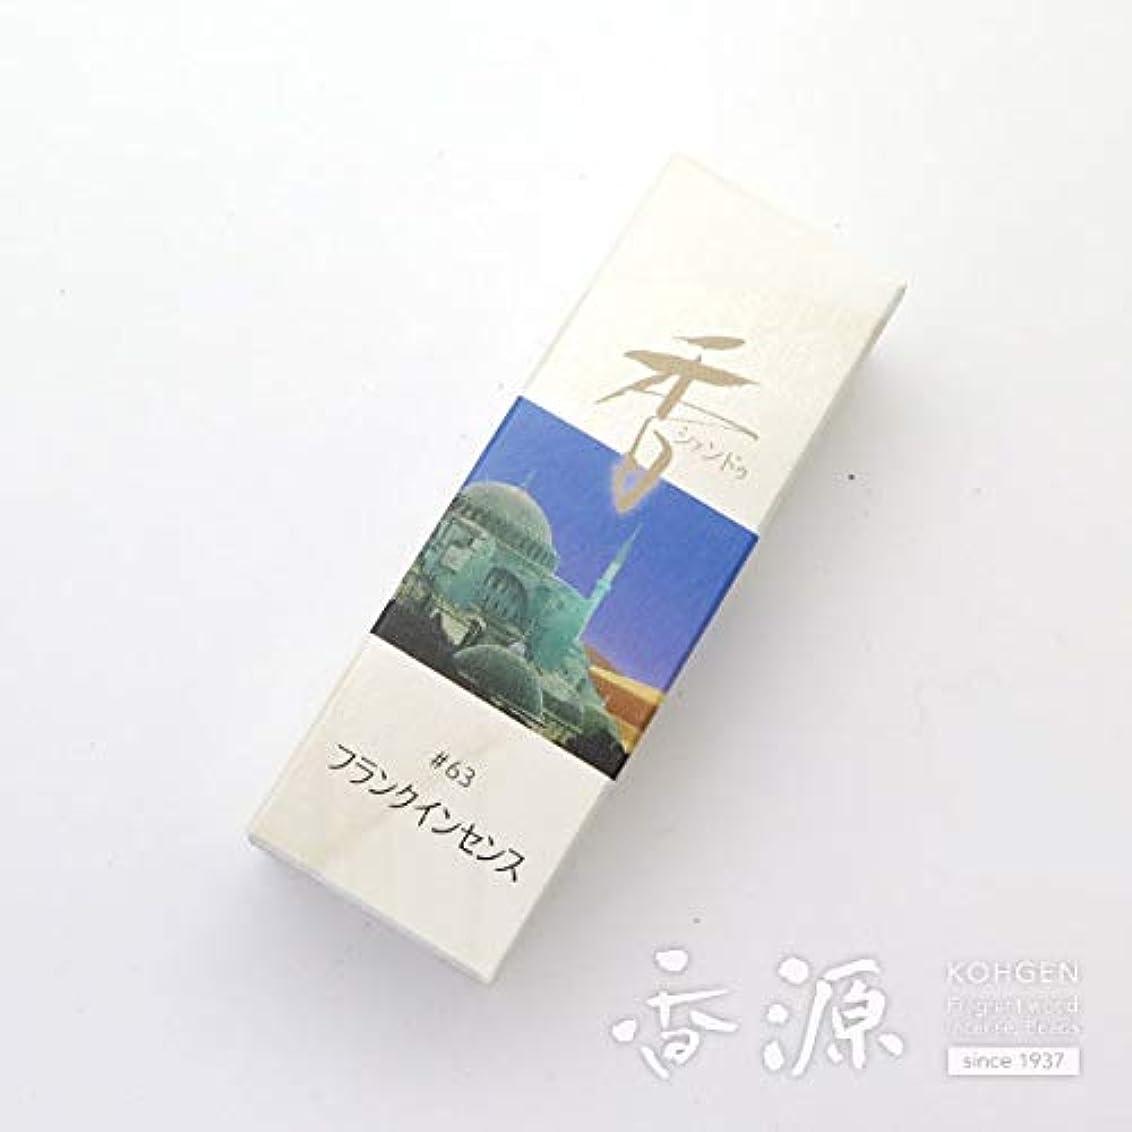 望みどう?サンドイッチXiang Do(シャンドゥ) 松栄堂のお香 フランクインセンス ST20本入 簡易香立付 #214263